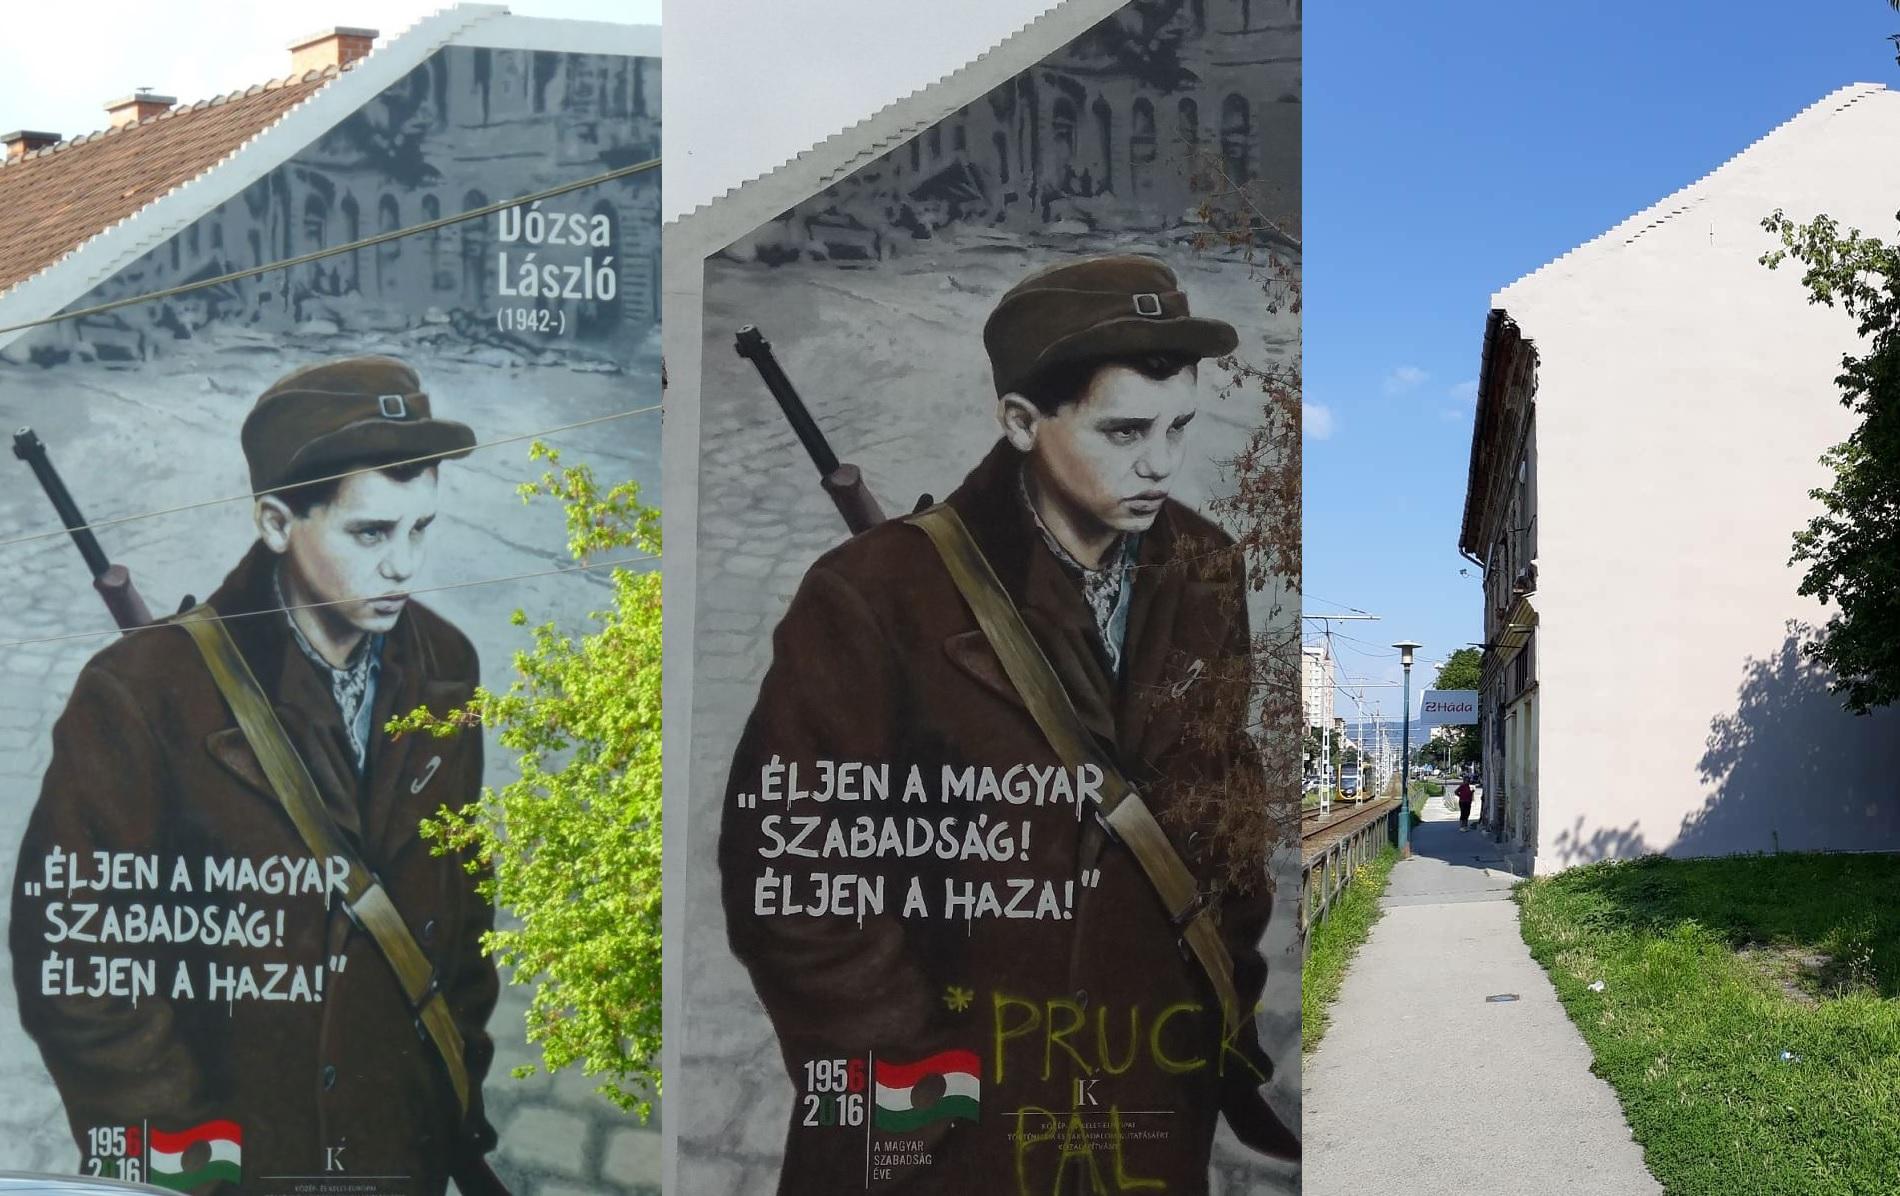 Ilyen a világon nincs: ahelyett, hogy odaírták volna Pruck Pál nevét az őt ábrázoló falfestményre, inkább lefestették az egészet